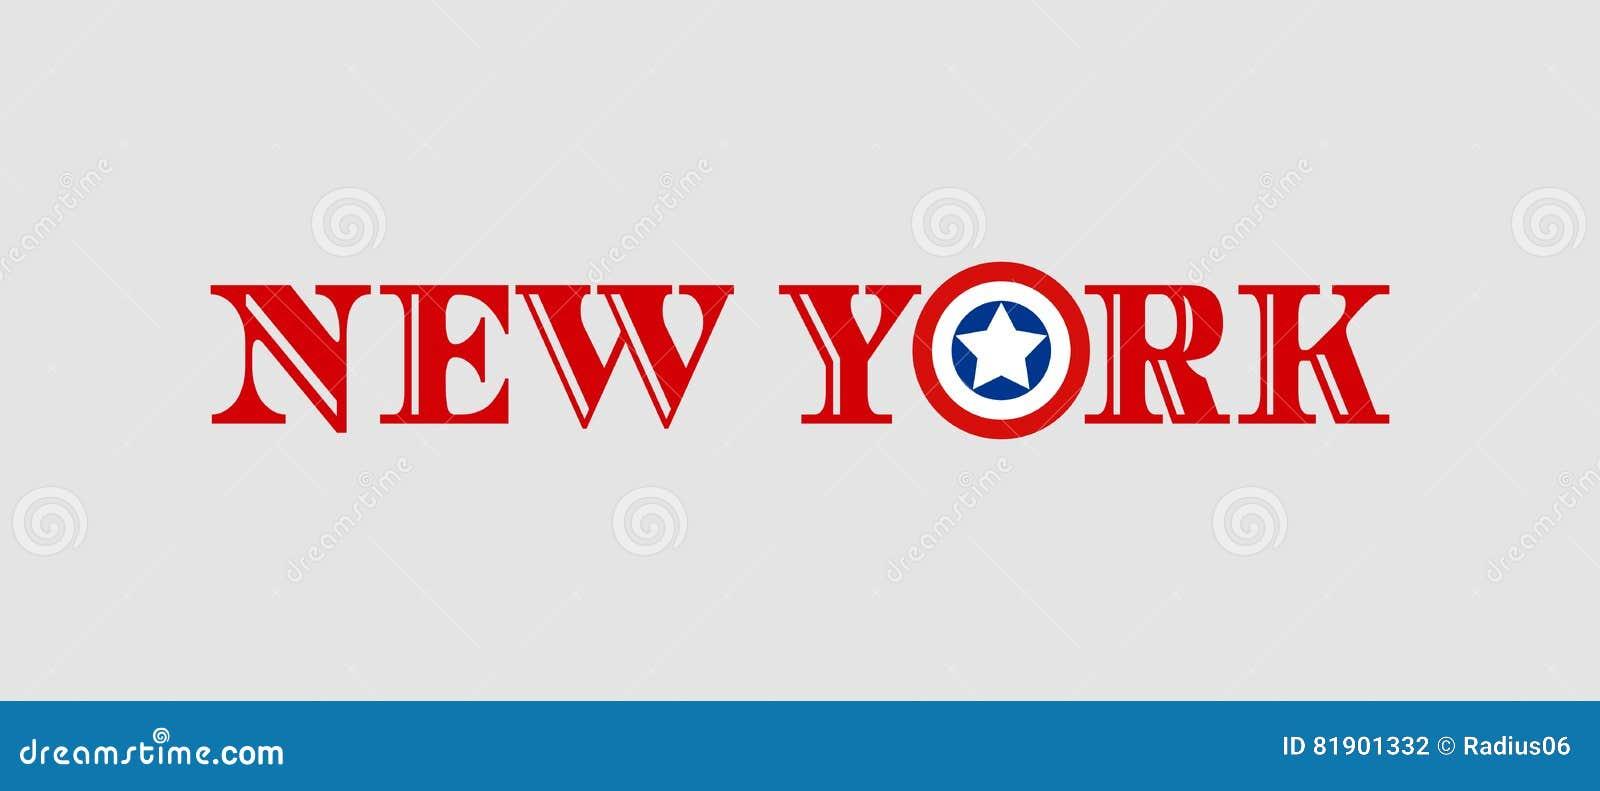 El Nombre De New York City Con La Bandera Colorea La Letra Diseñada ...